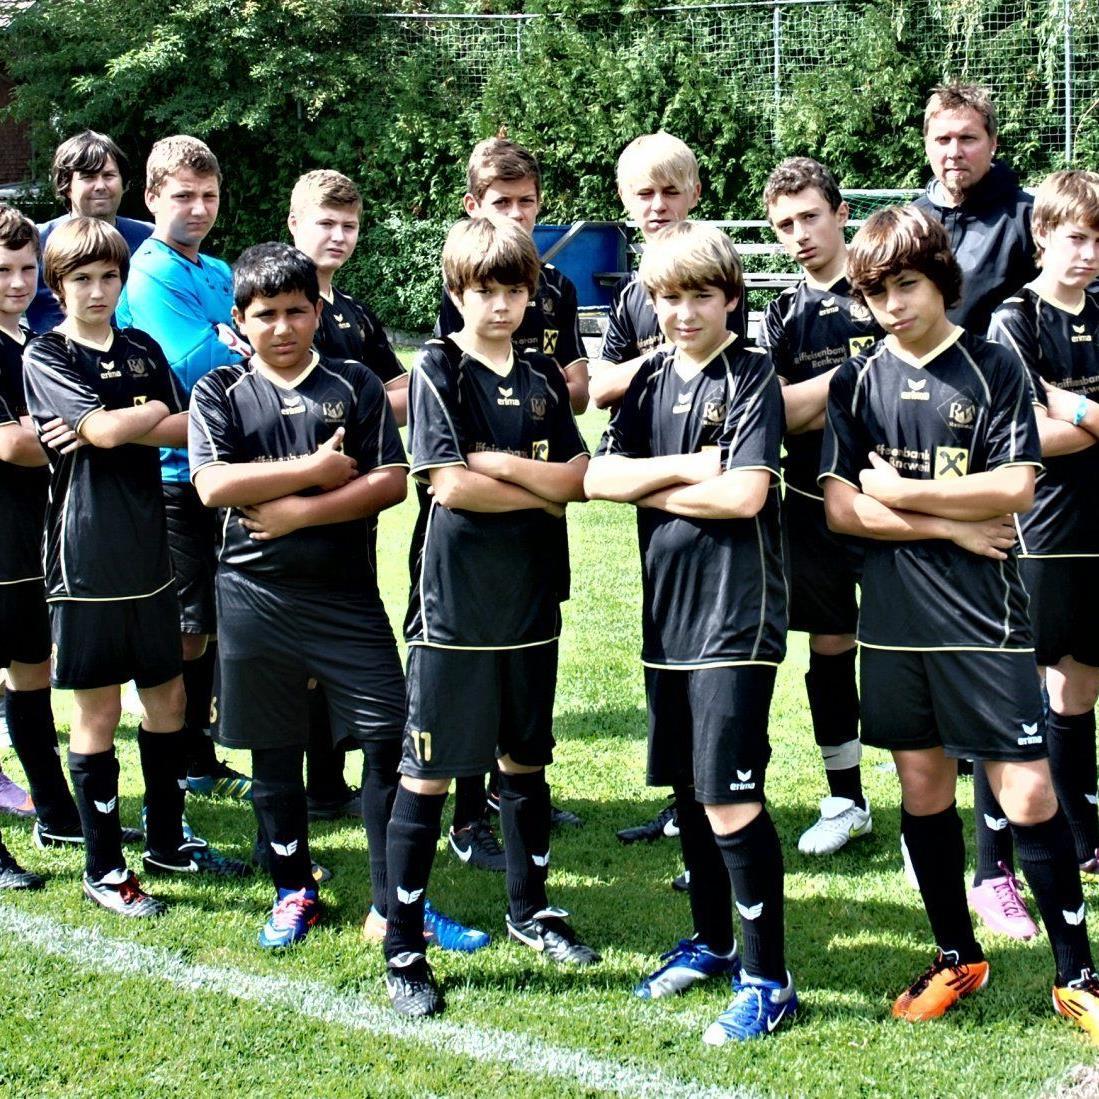 Ohne Punkteverlust gewann Rankweil U-14 die Vorrunde und stieg in die Finalrunde auf.